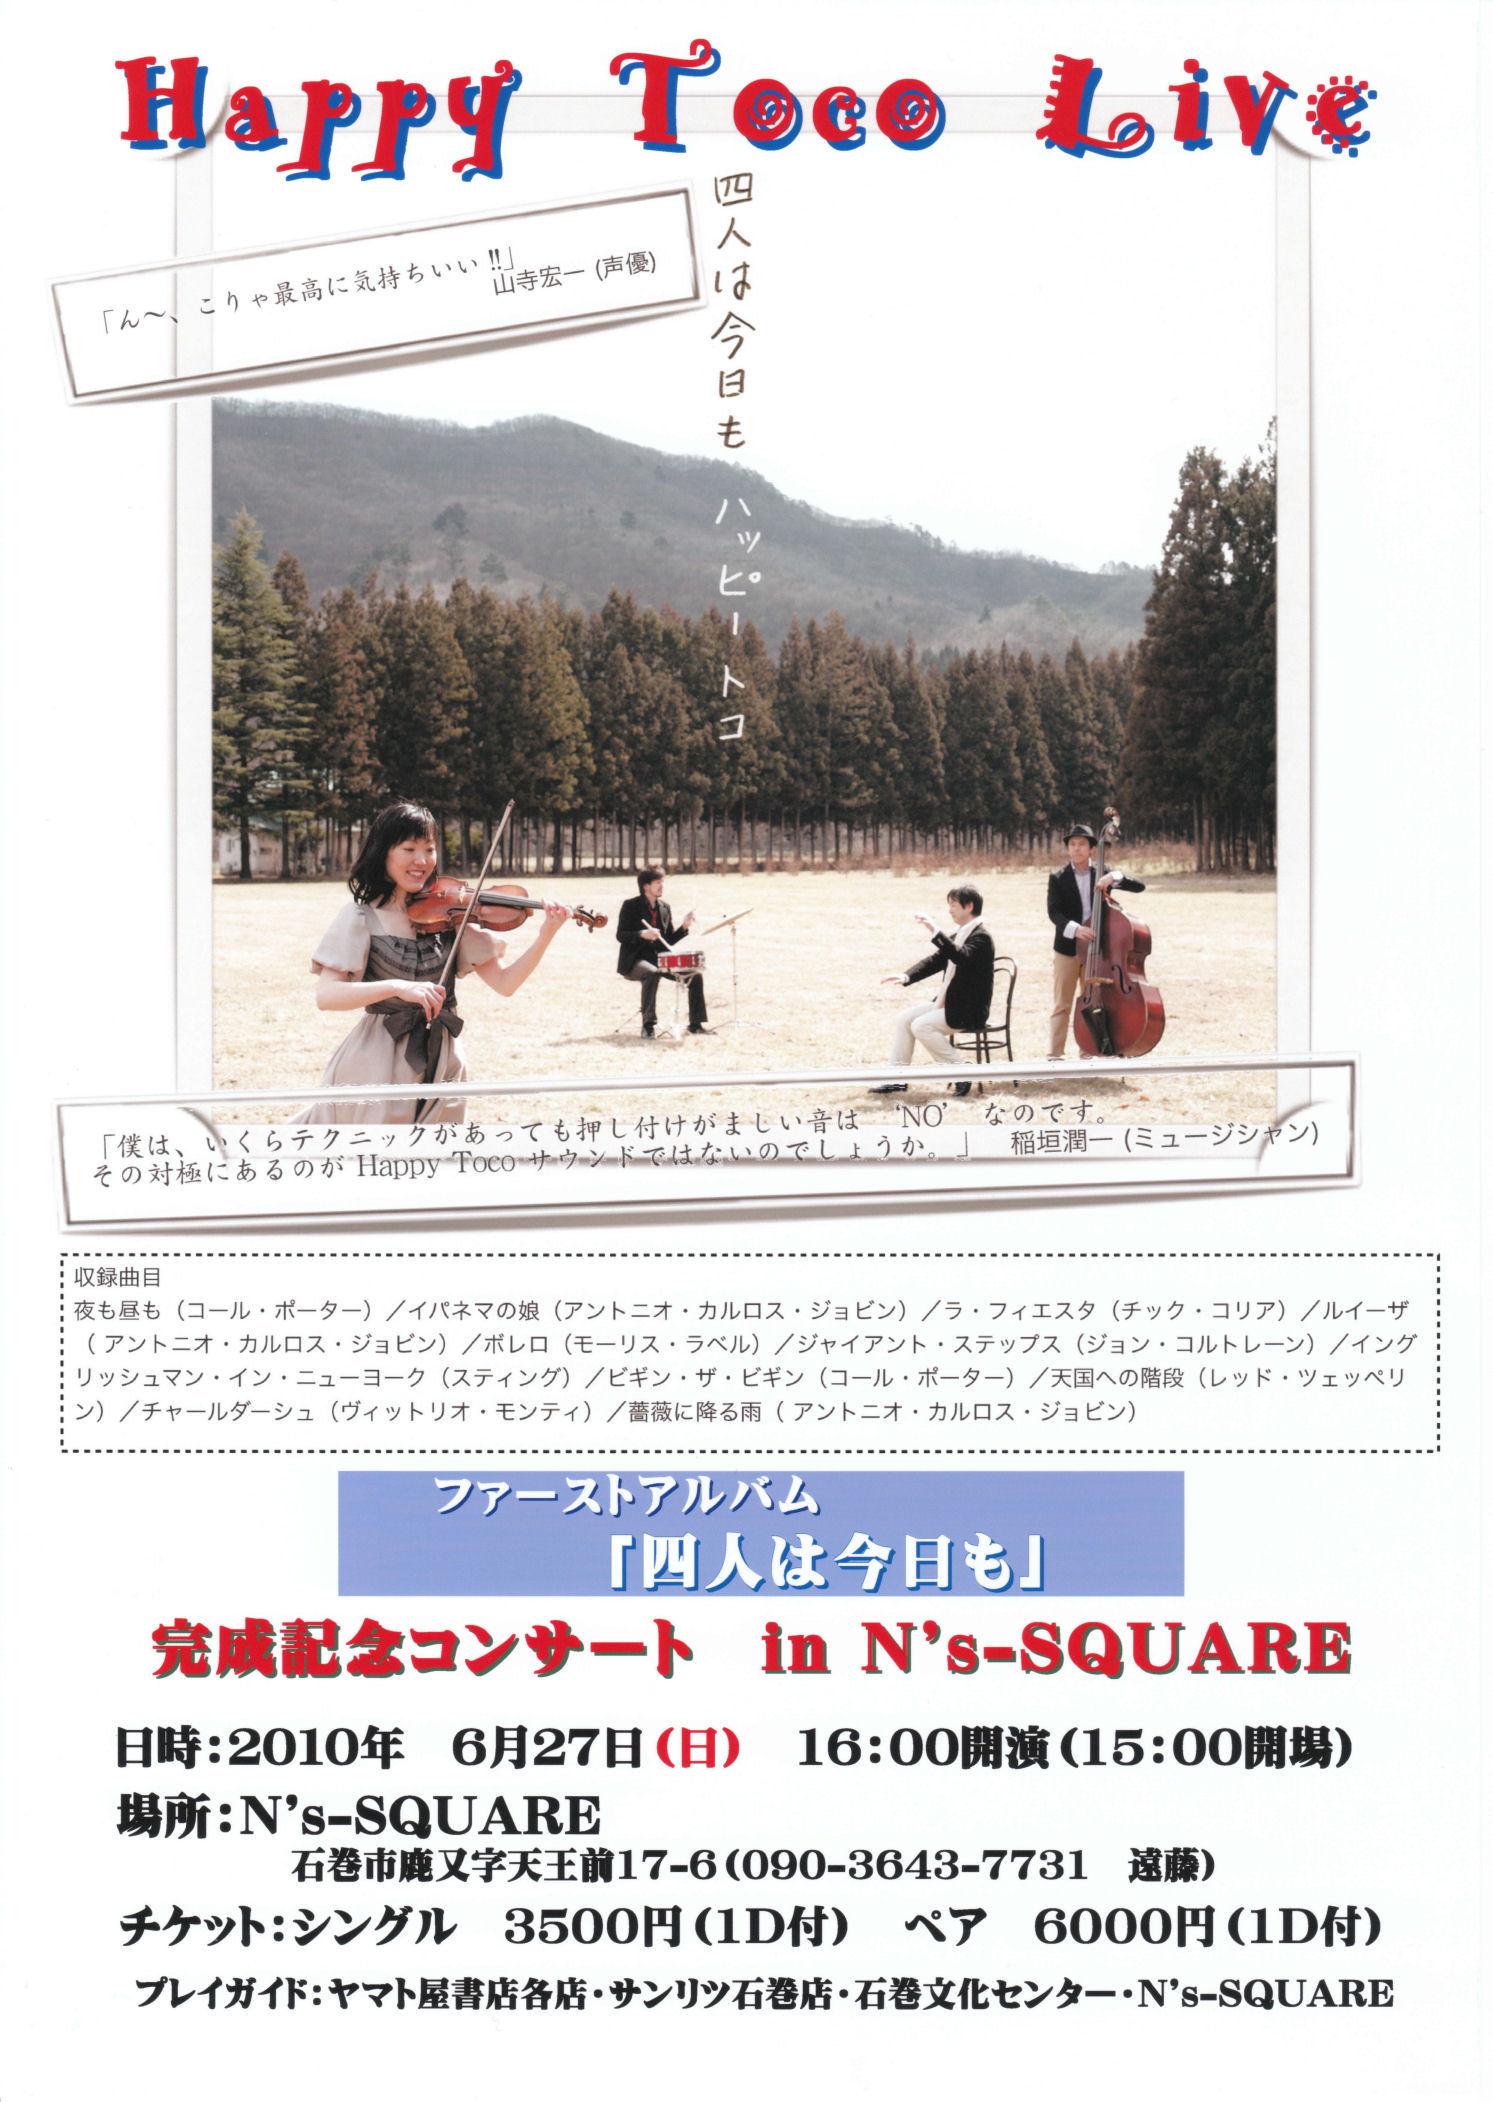 6月27日表2IMG-1